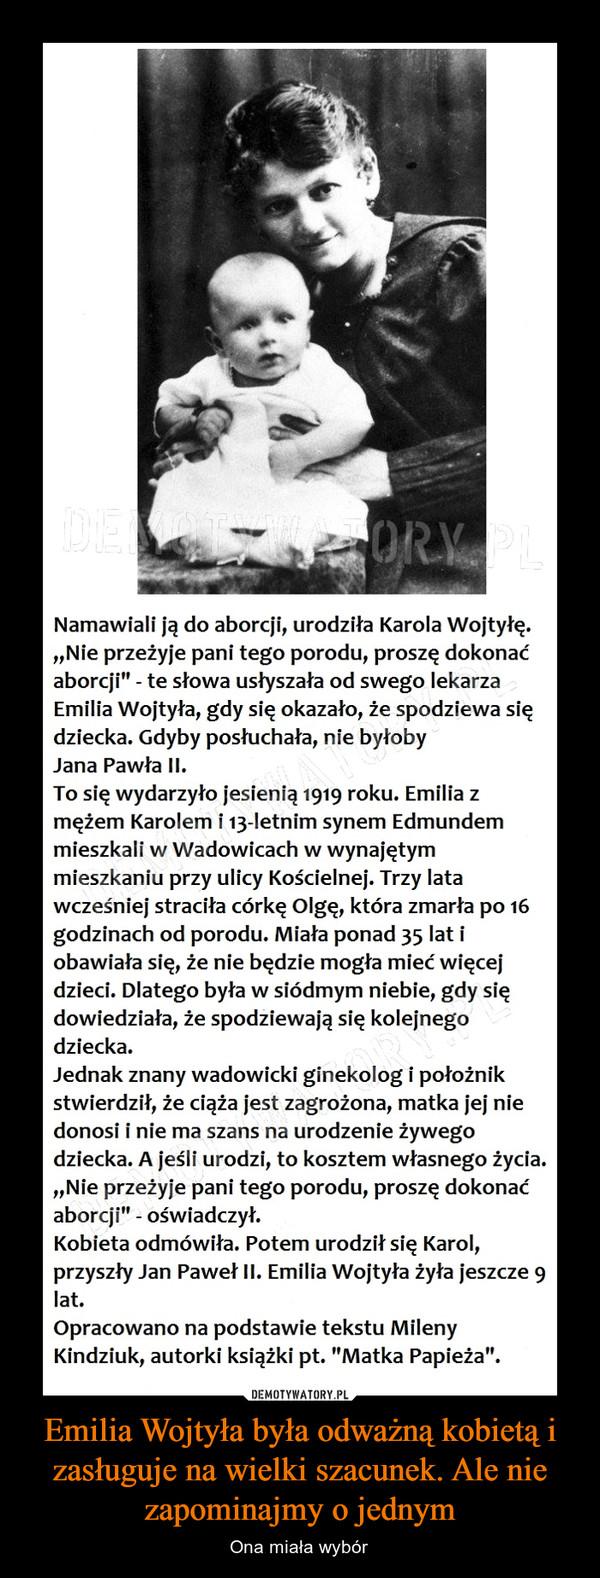 """Emilia Wojtyła była odważną kobietą i zasługuje na wielki szacunek. Ale nie zapominajmy o jednym – Ona miała wybór Namawiali ją do aborcji, urodziła Karola Wojtyłę.""""Nie przeżyje pani tego porodu, proszę dokonaćaborcji"""" - te słowa usłyszała od swego lekarzaEmilia Wojtyła, gdy się okazało, że spodziewa siędziecka. Gdyby posłuchała, nie byłobyJana Pawła II.To się wydarzyło jesienią 1919 roku. Emilia zmężem Karolem i 13-Ietnim synem Edmundemmieszkali w Wadowicach w wynajętymmieszkaniu przy ulicy Kościelnej. Trzy latawcześniej straciła córkę Olgę, która zmarła po 16godzinach od porodu. Miała ponad 35 lat iobawiała się, że nie będzie mogła mieć więcejdzieci. Dlatego była w siódmym niebie, gdy siędowiedziała, że spodziewają się kolejnegodziecka.Jednak znany wadowicki ginekolog i położnikstwierdził, że ciąża jest zagrożona, matka jej niedonosi i nie ma szans na urodzenie żywegodziecka. A jeśli urodzi, to kosztem własnego życia.""""Nie przeżyje pani tego porodu, proszę dokonaćaborcji"""" - oświadczył.Kobieta odmówiła. Potem urodził się Karol,przyszły Jan Paweł II. Emilia Wojtyła żyła jeszcze 9lat.Opracowano na podstawie tekstu MilenyKindziuk, autorki książki pt. """"Matka Papieża""""."""